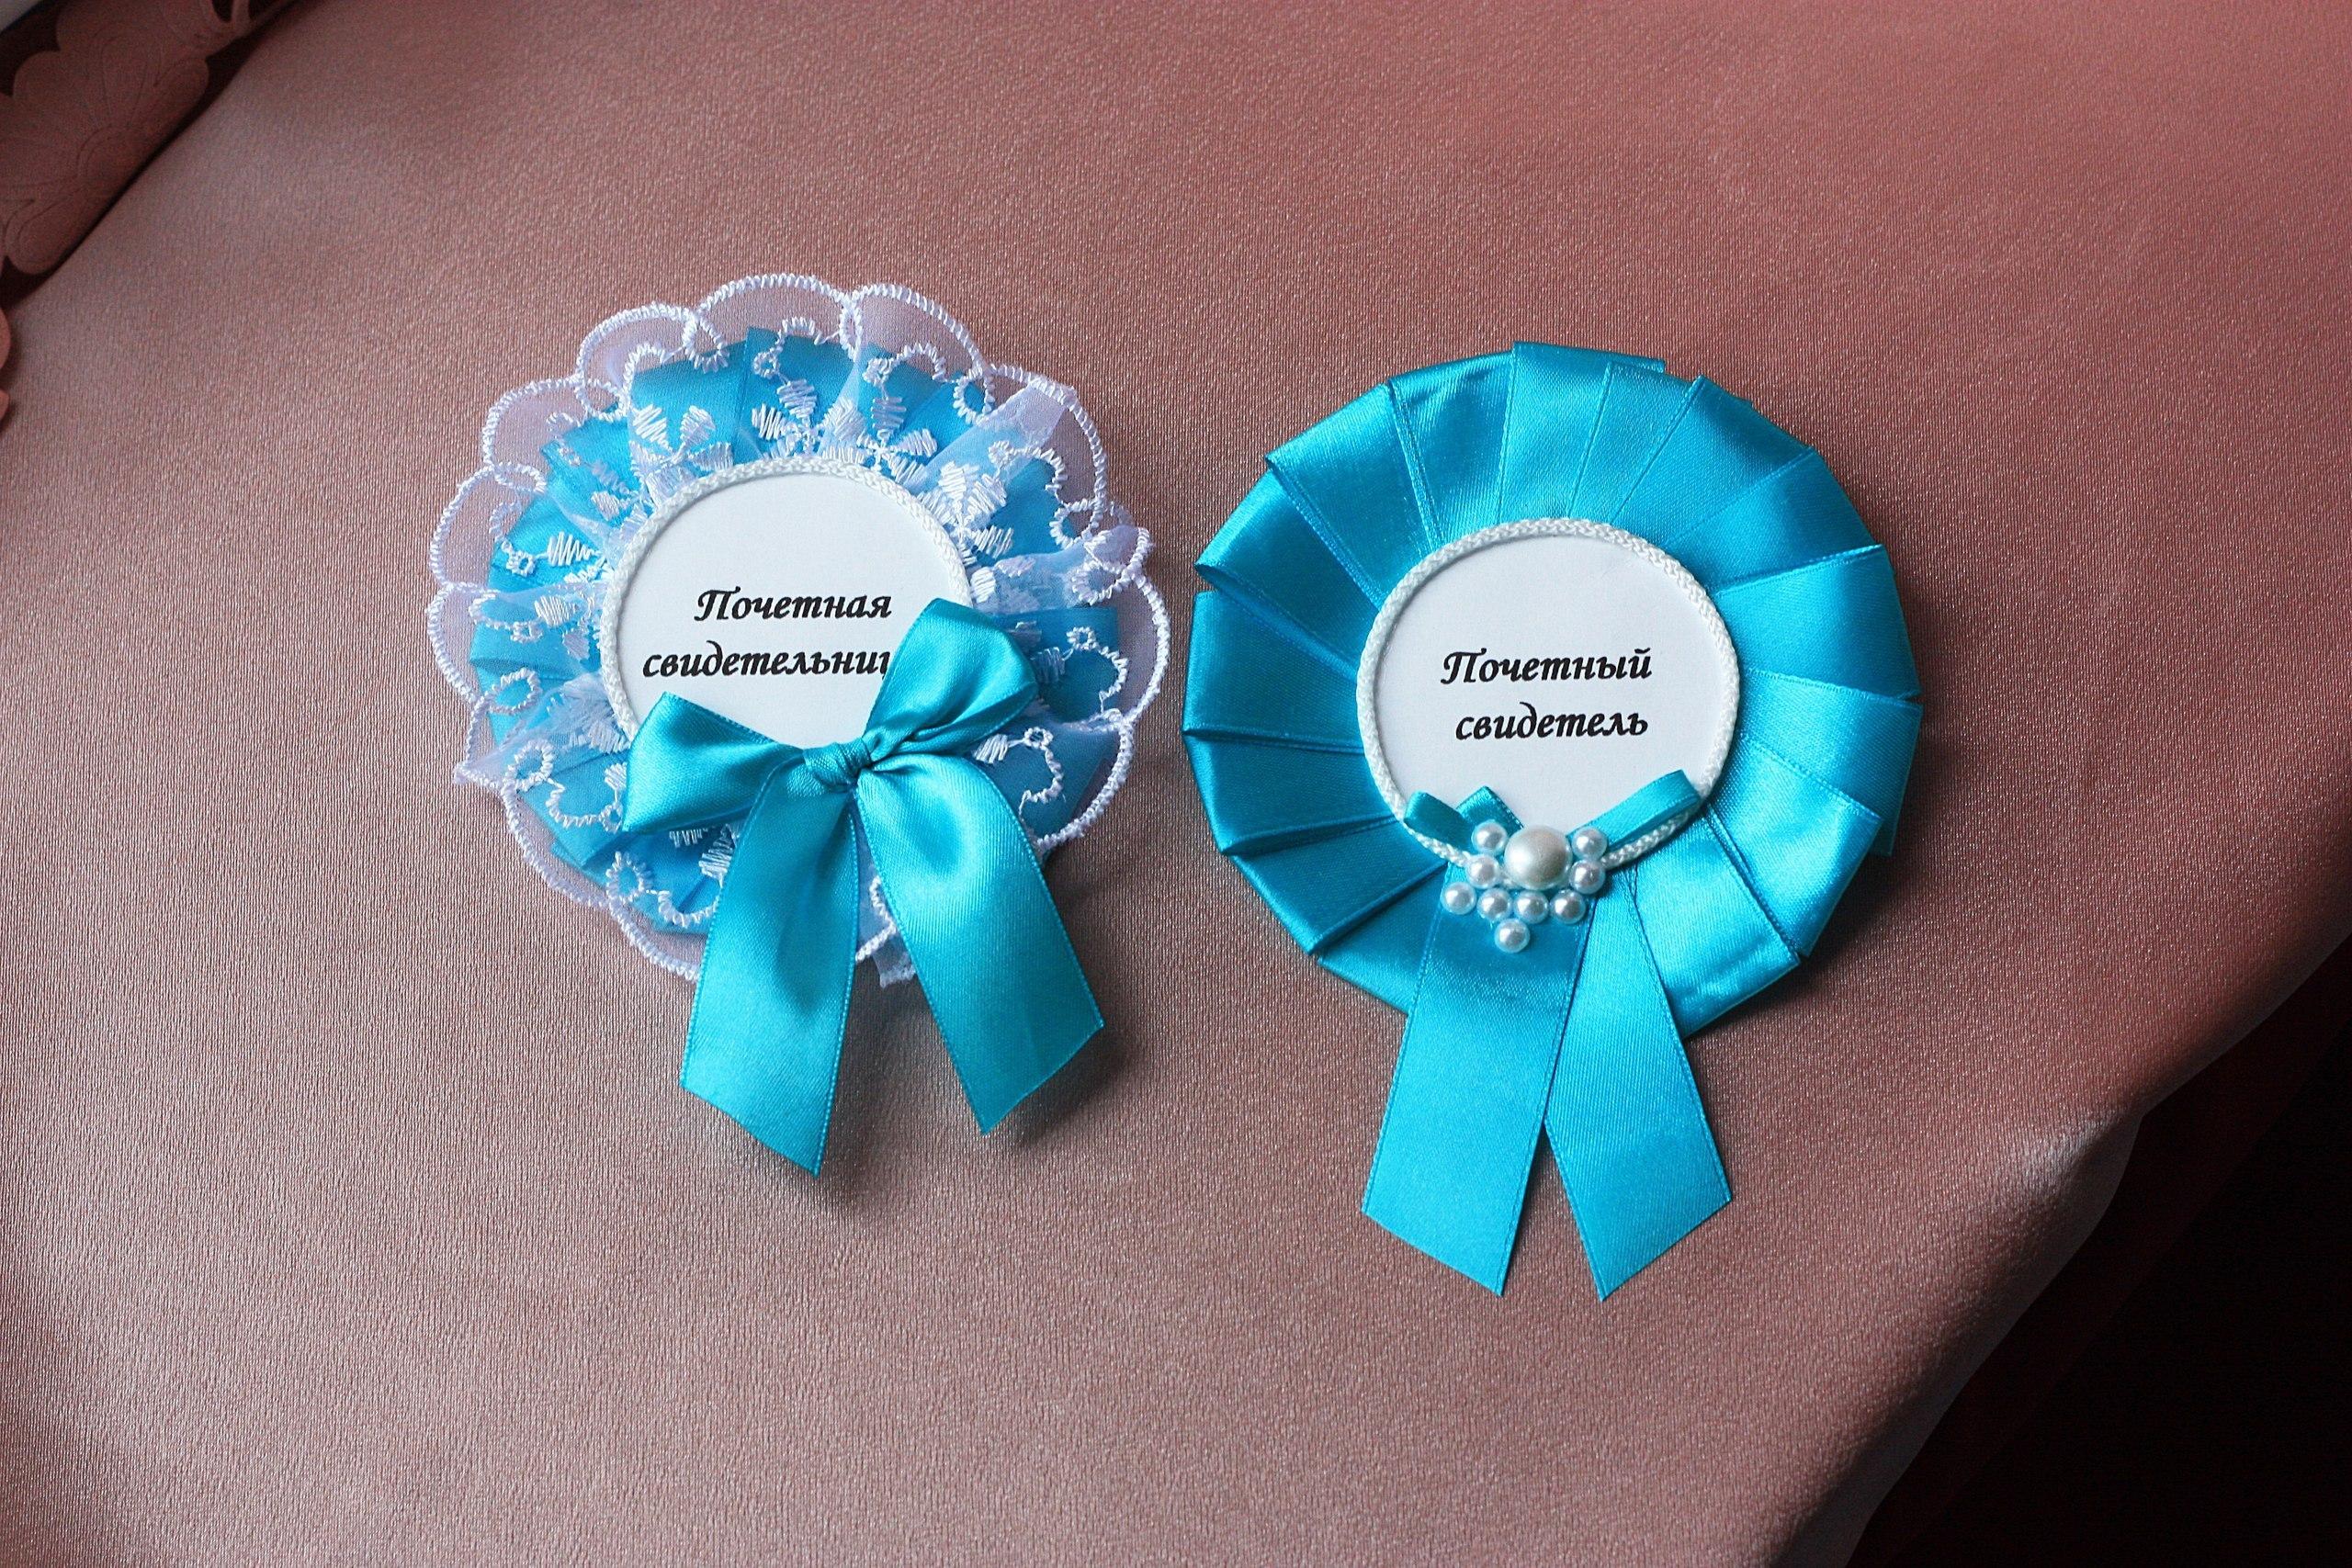 Значки для свидетелей на свадьбу своими руками - мастер 91